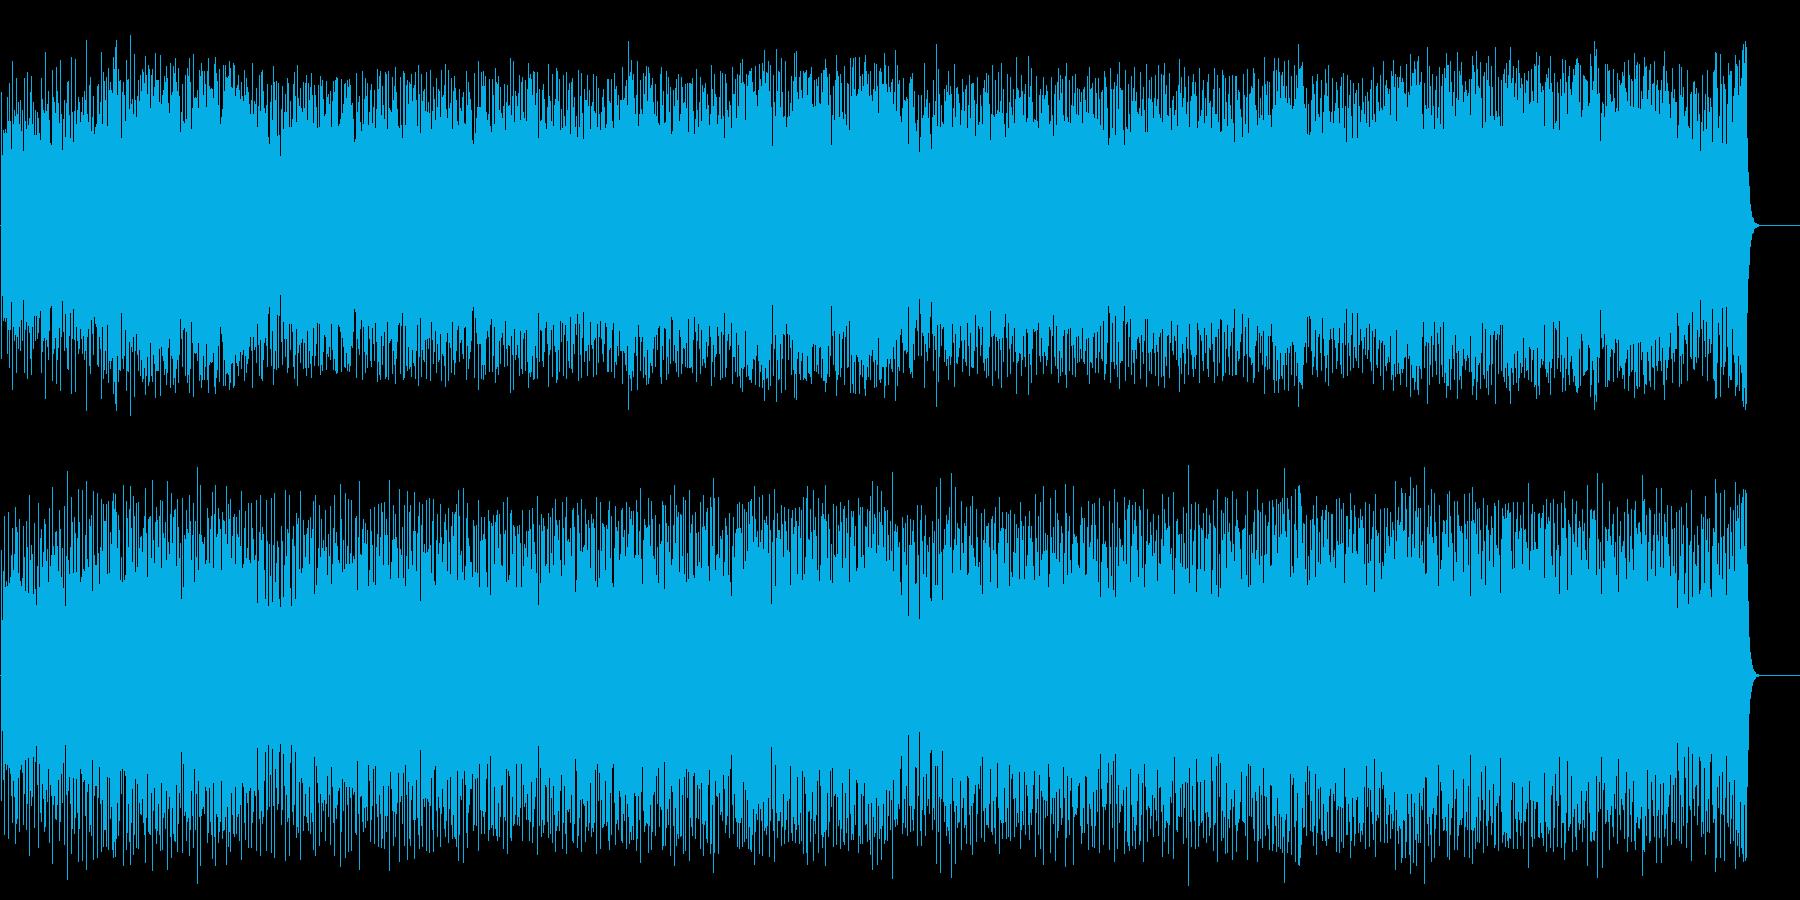 フレッシュ気分のポップ(フルサイズ)の再生済みの波形